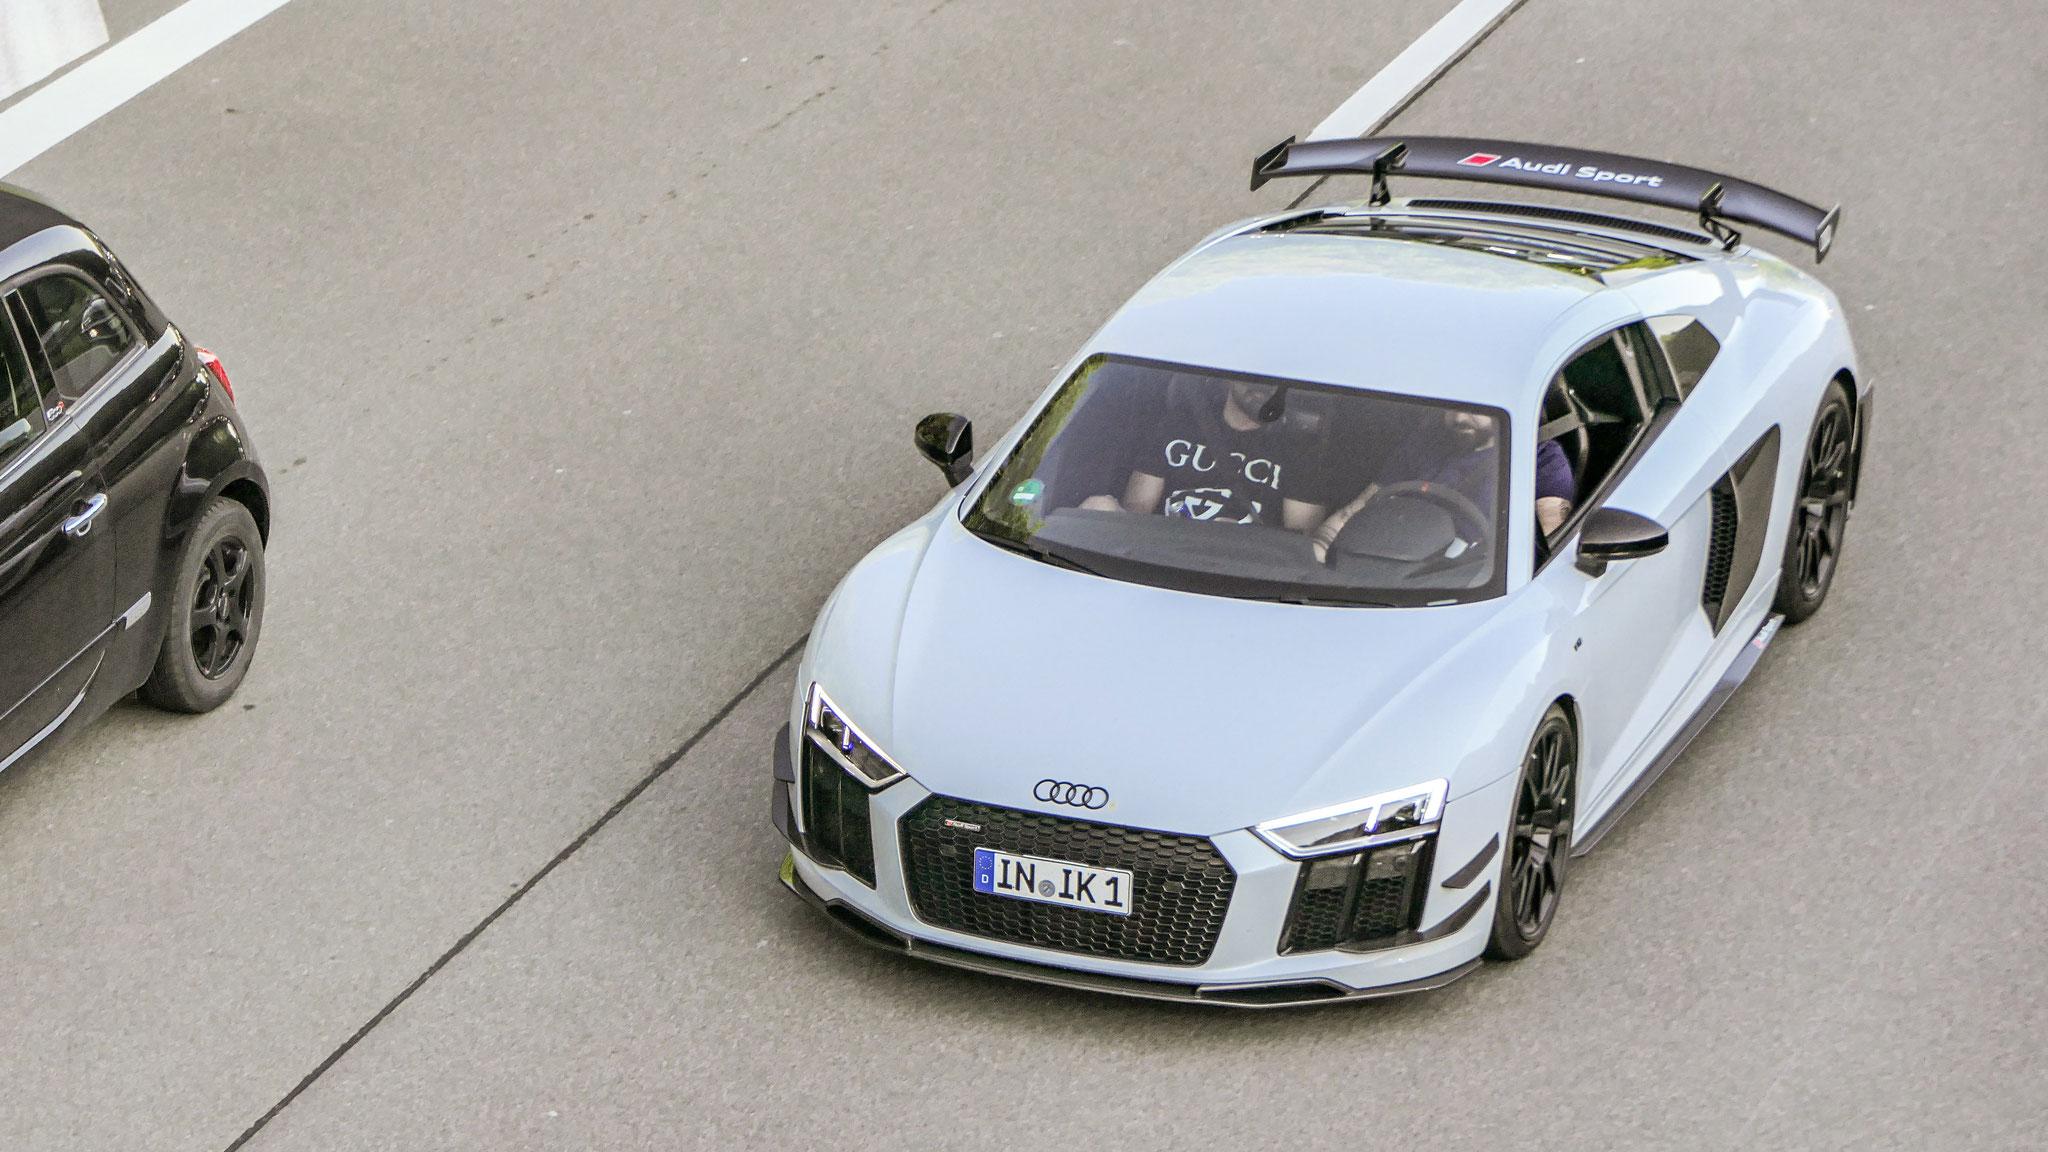 Audi R8 V10 Performance Parts - IN-IK-1